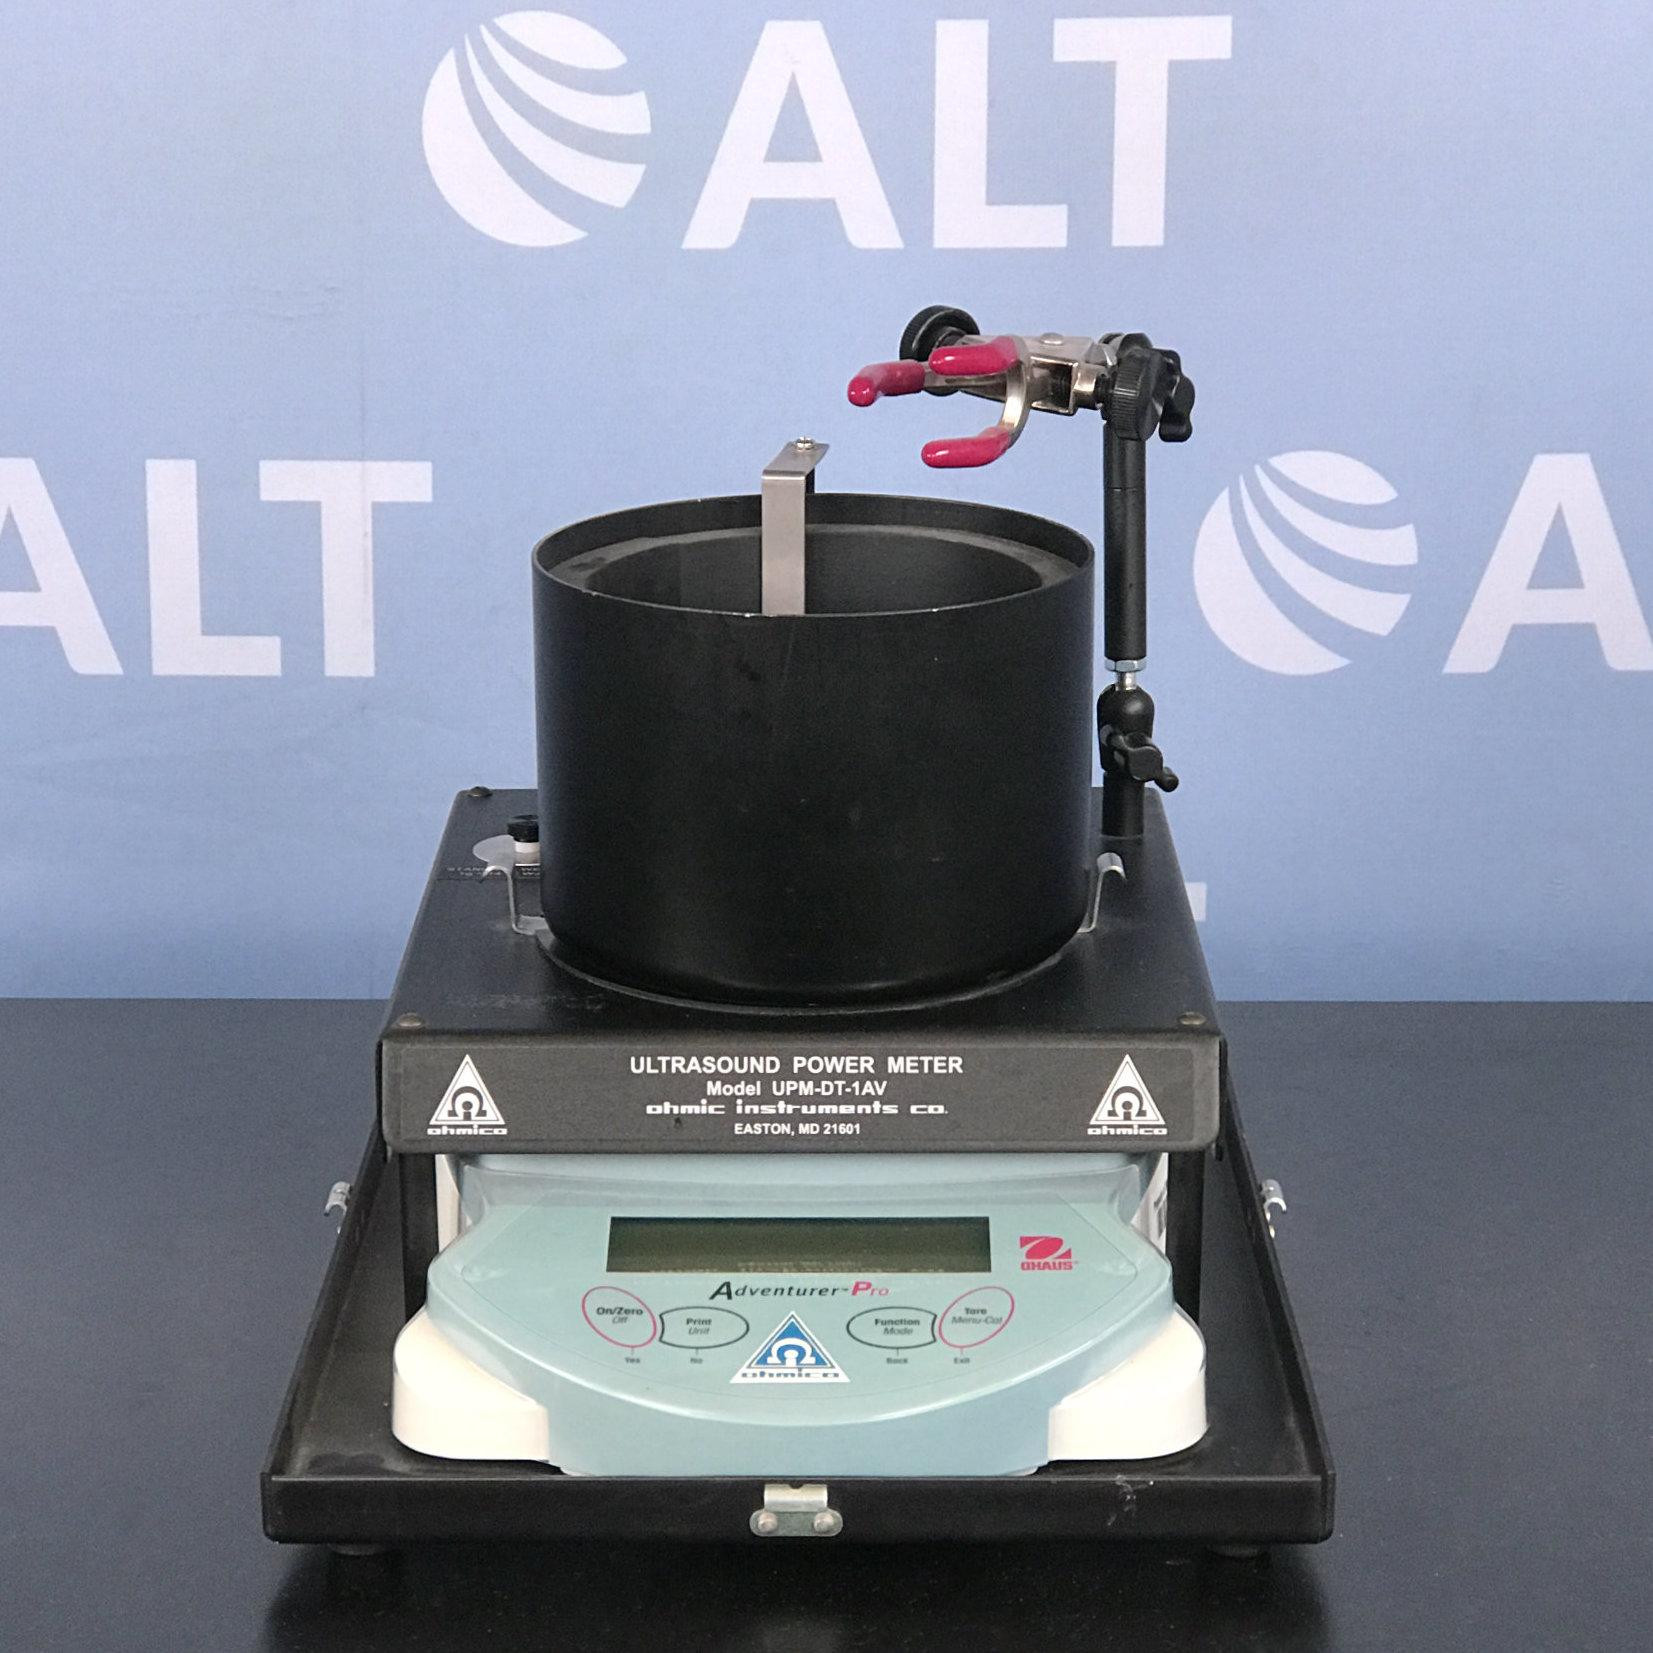 Ohmic Instruments Inc. UPM-DT-1AV Ultrasound Power Meter Image